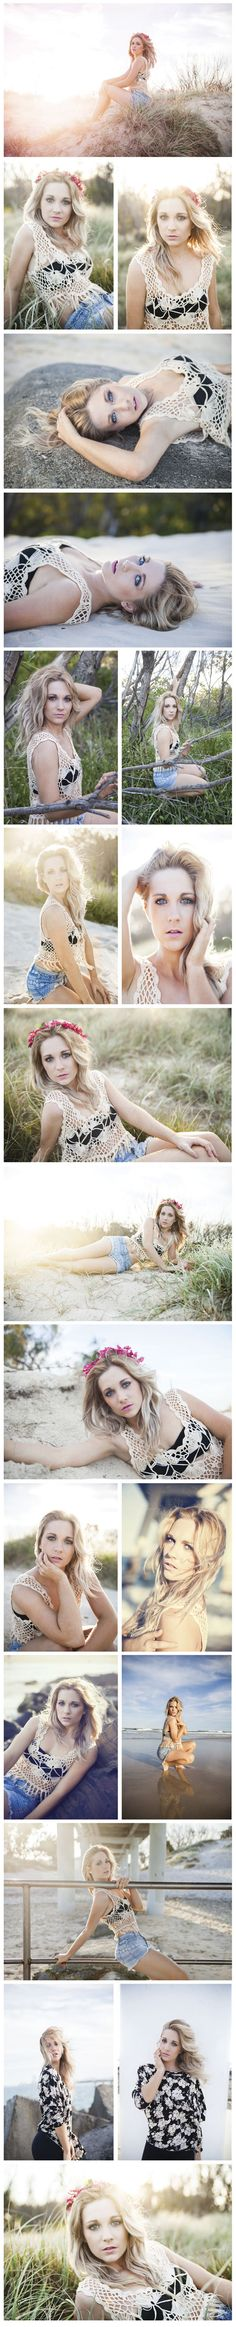 Brisbane Portrait, Fashion and Wedding Photographer - Jennifer Maxsted Photography - Bohemian (Boho) Photoshoot